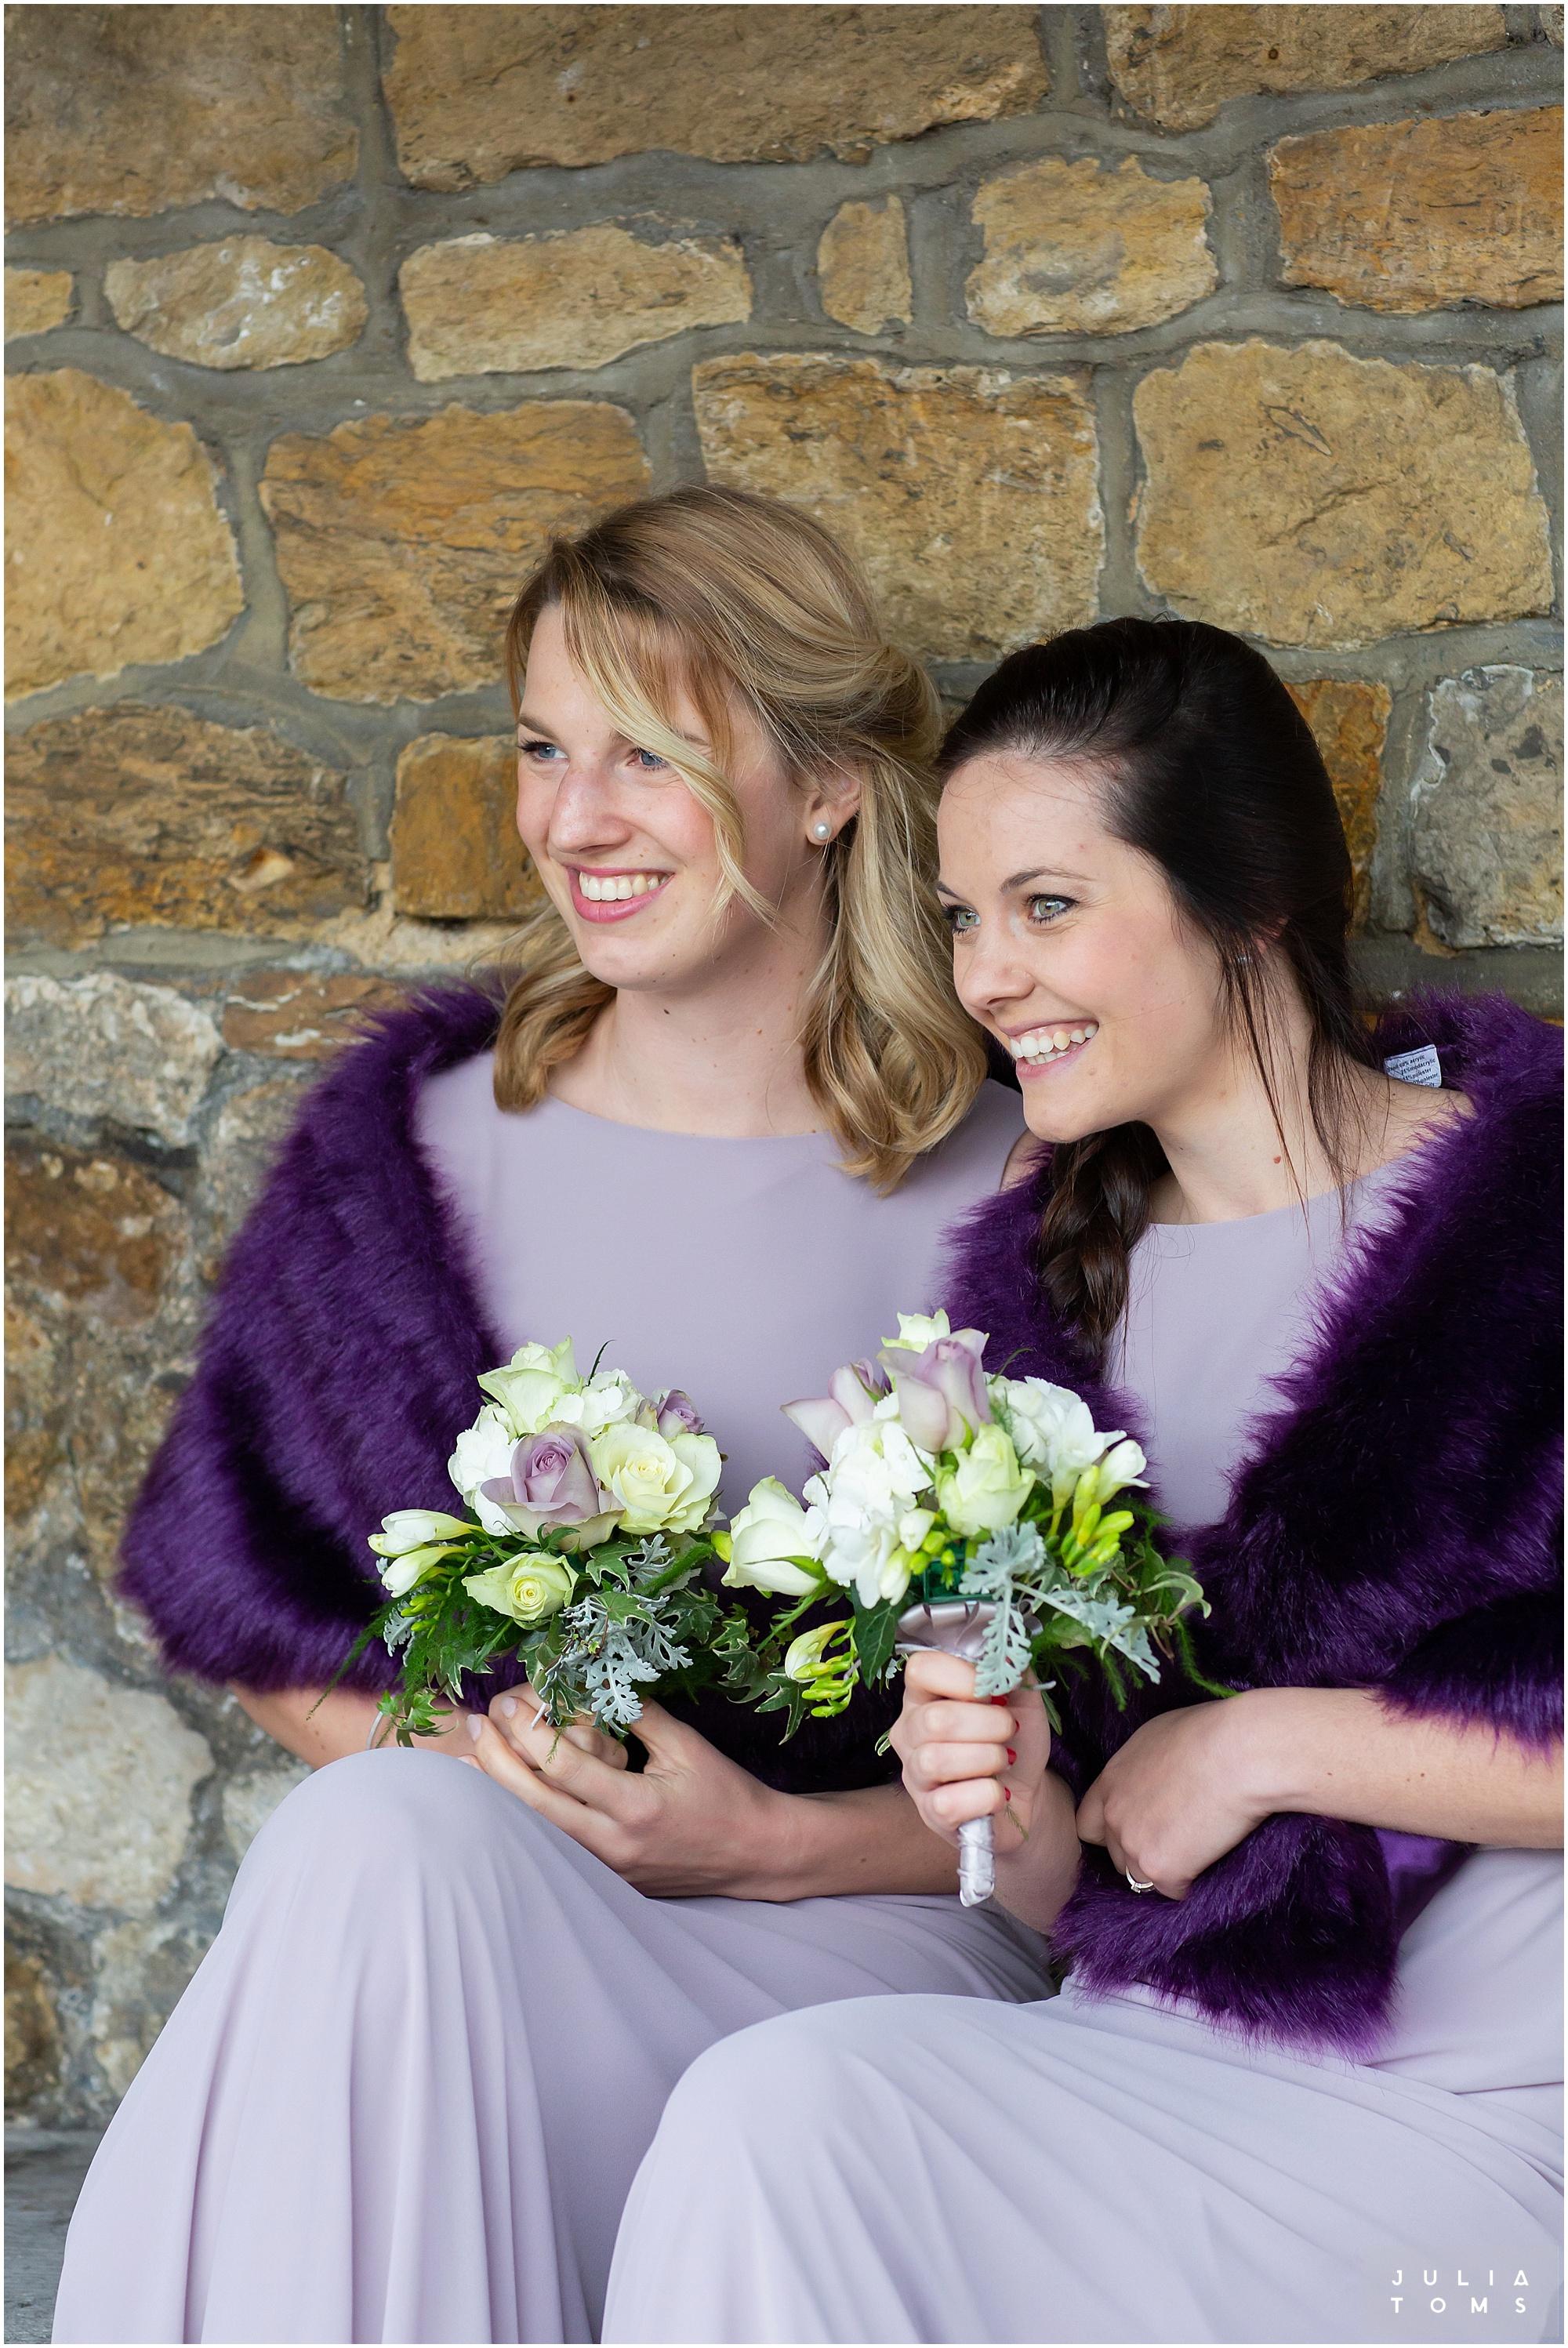 juliatoms_christian_wedding_photogtapher_midhurst_010.jpg